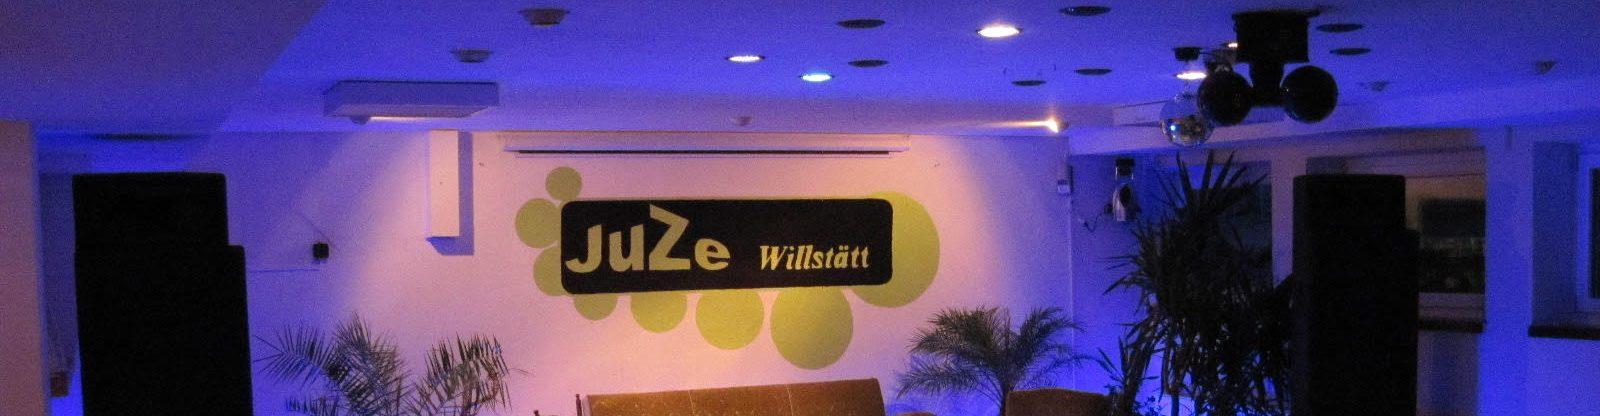 JUZE Willstätt – Jugenzentrum